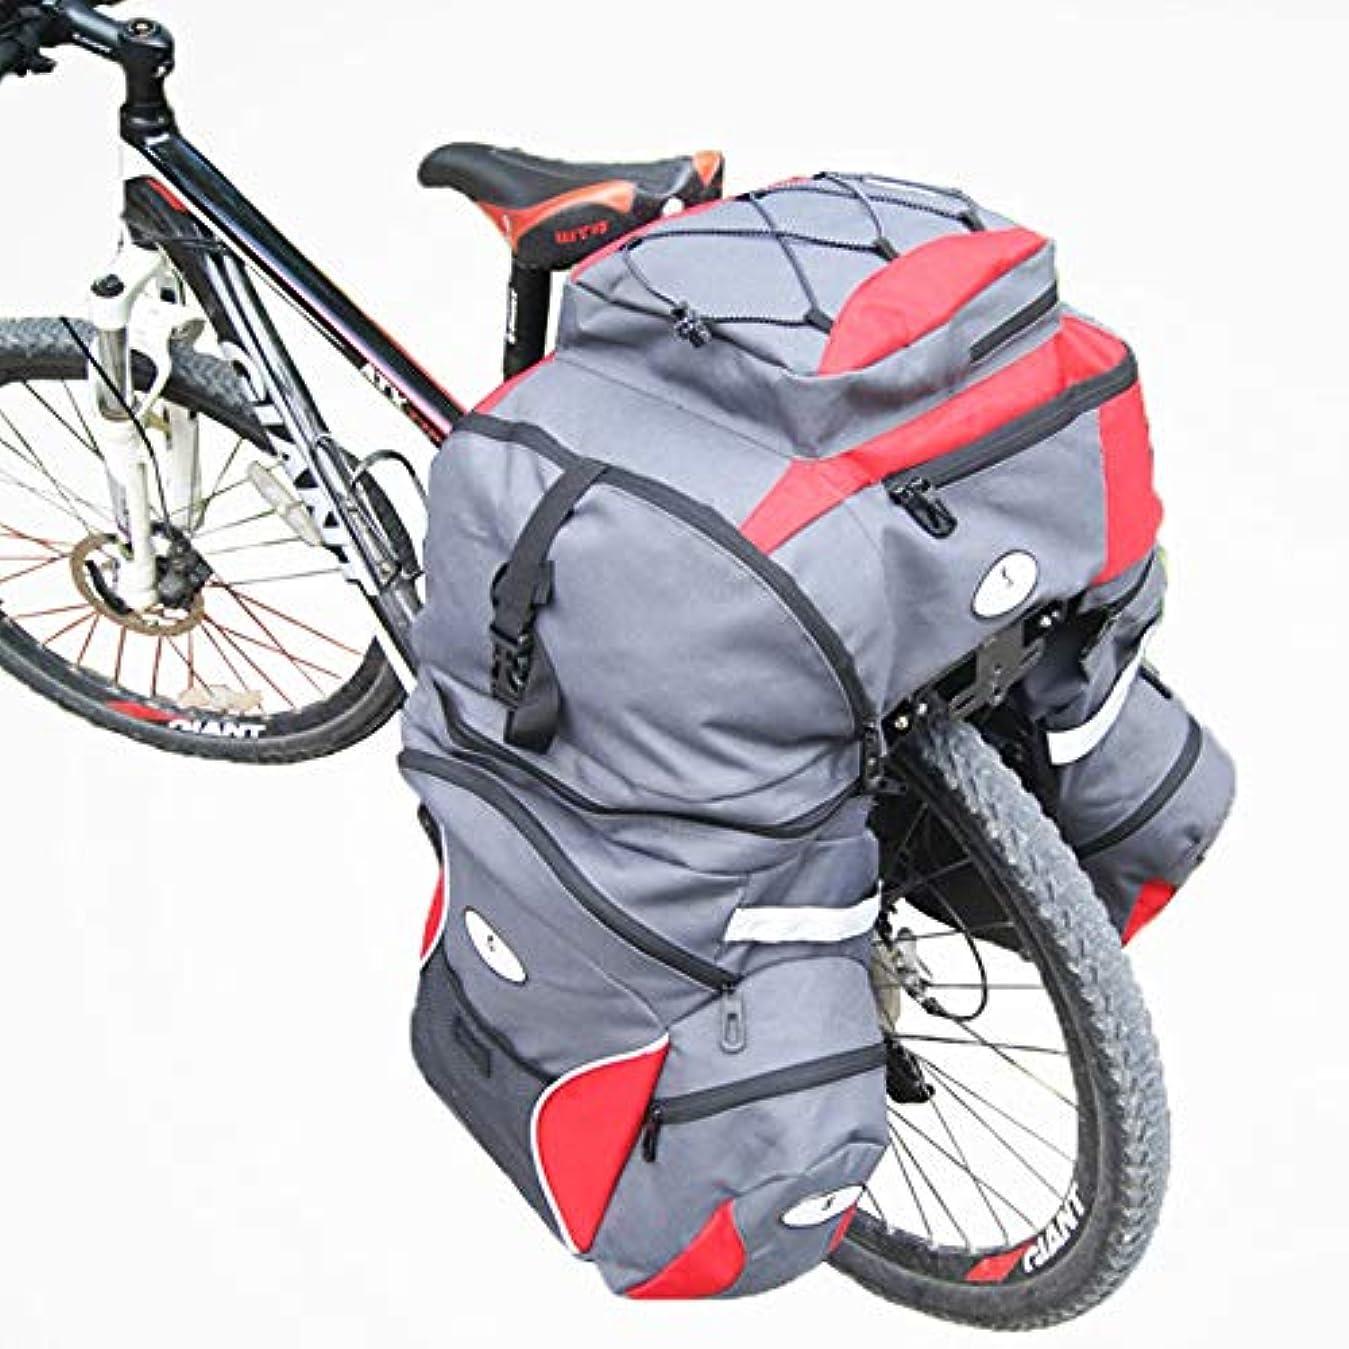 進む曖昧な商標自転車パニエ自転車パニエトランクバッグ、3 in 1大容量自転車後部座席パニエフィット防雨カバー自転車シートパックバッグ付きサイクリングトリップのため サイクリングバッグ防水 (色 : 赤)